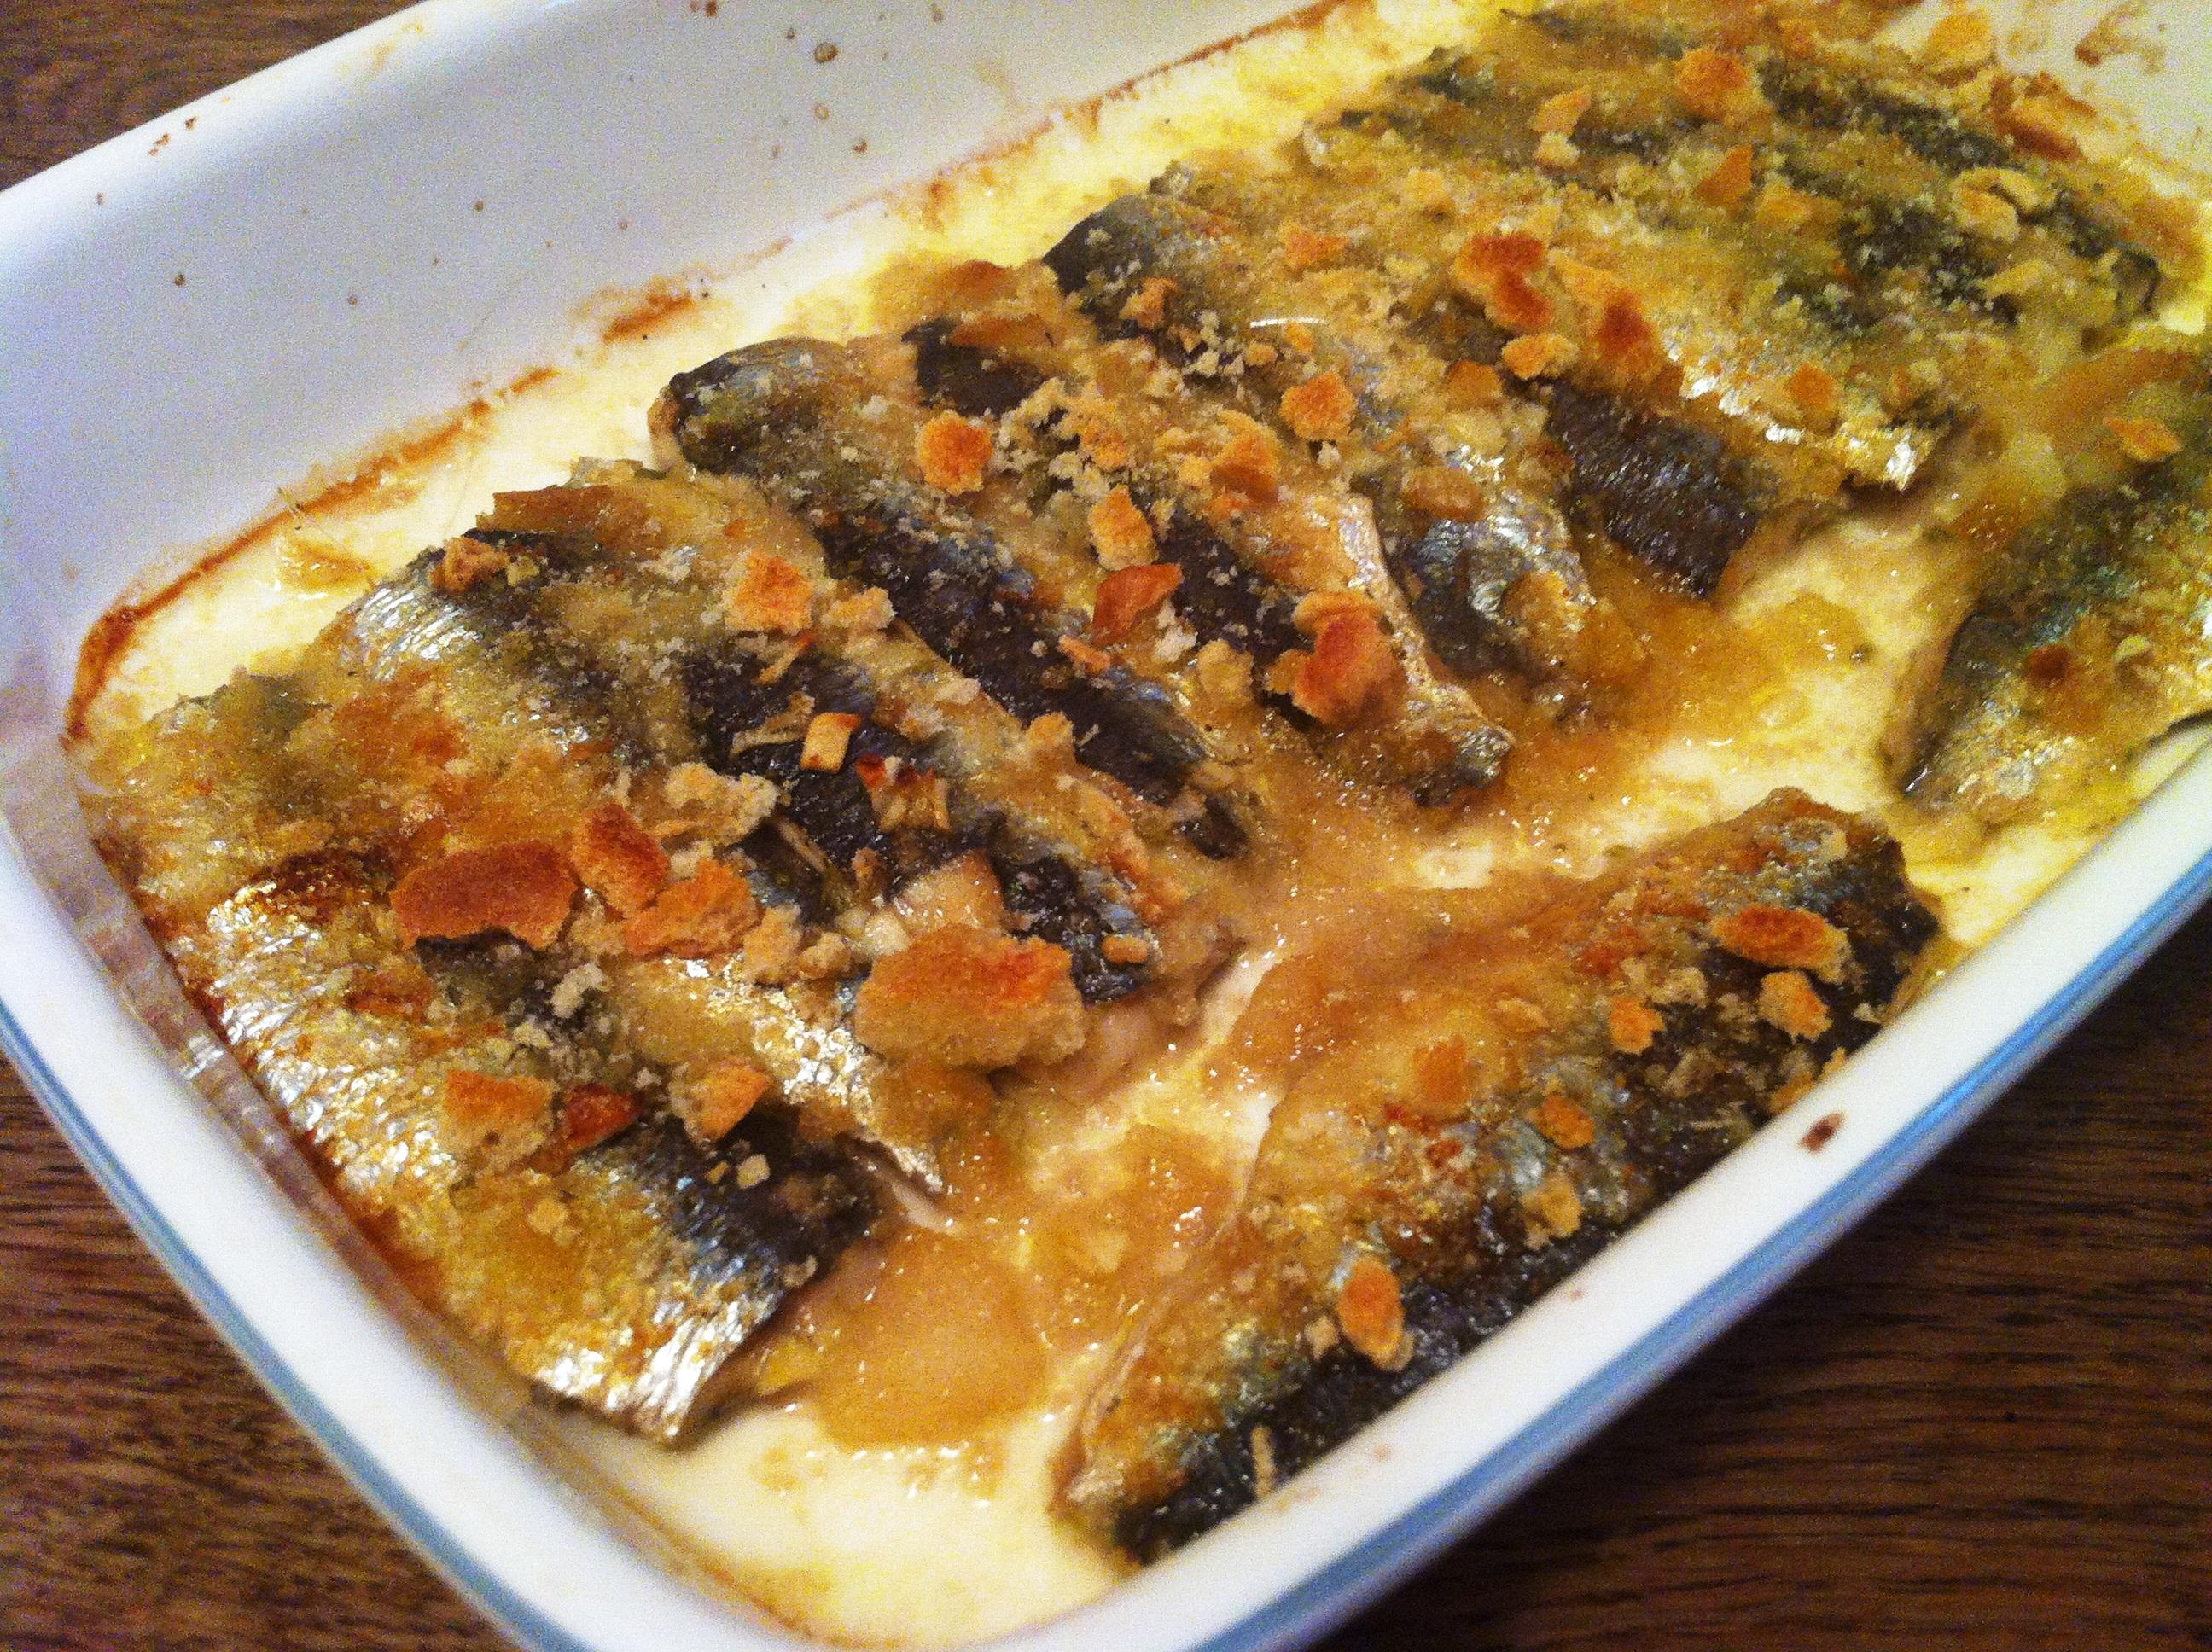 Gratin de sardine l ail et au citron recette - Blog cuisine sicilienne ...